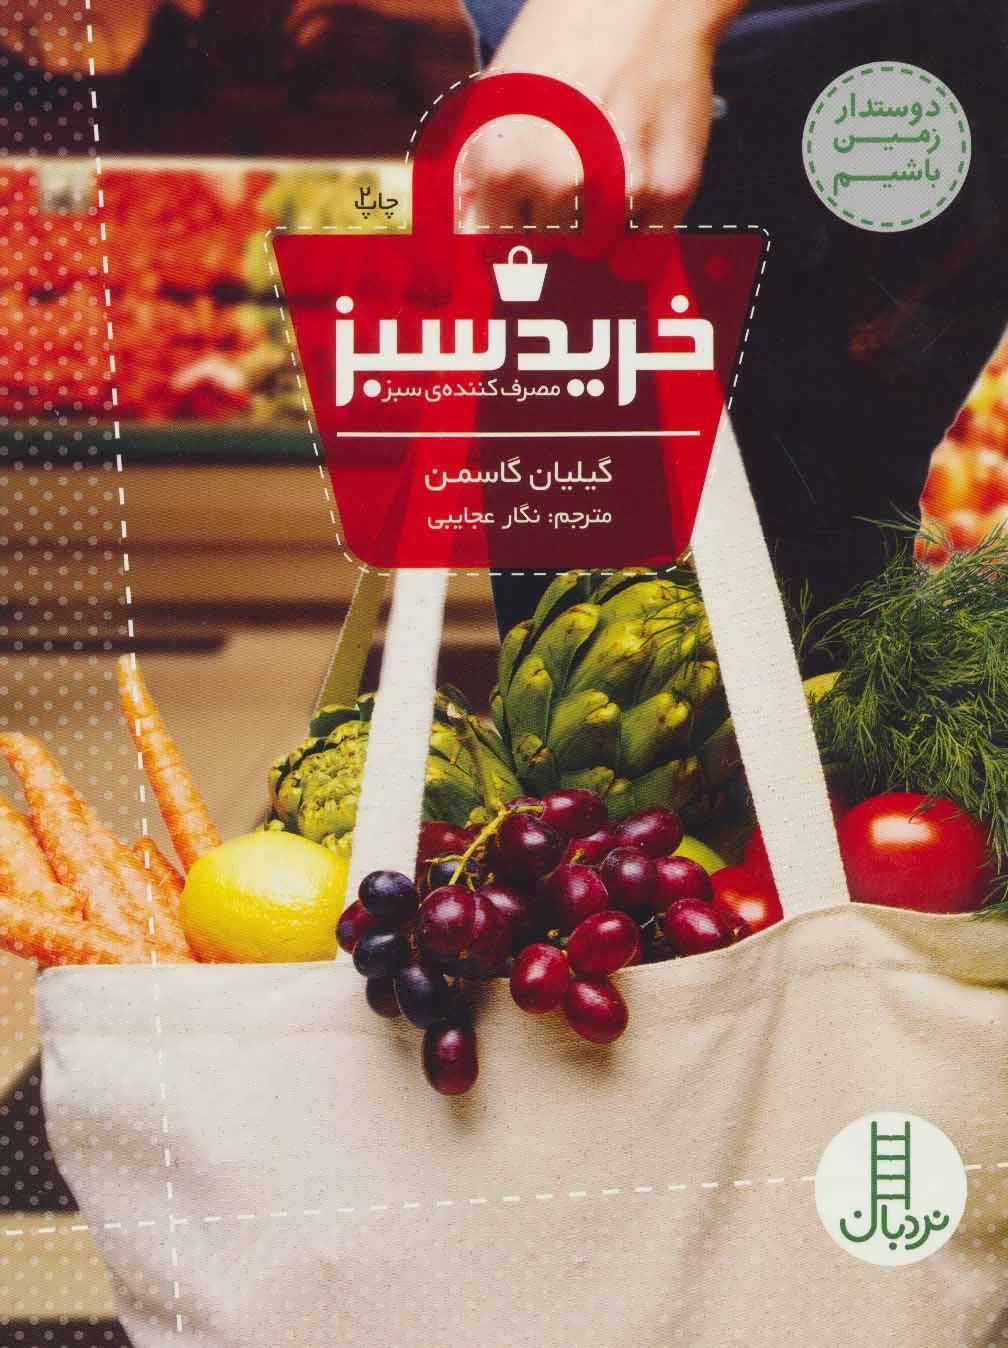 خرید سبز (مصرف کننده ی سبز)،(دوستدار زمین باشیم)،(گلاسه)